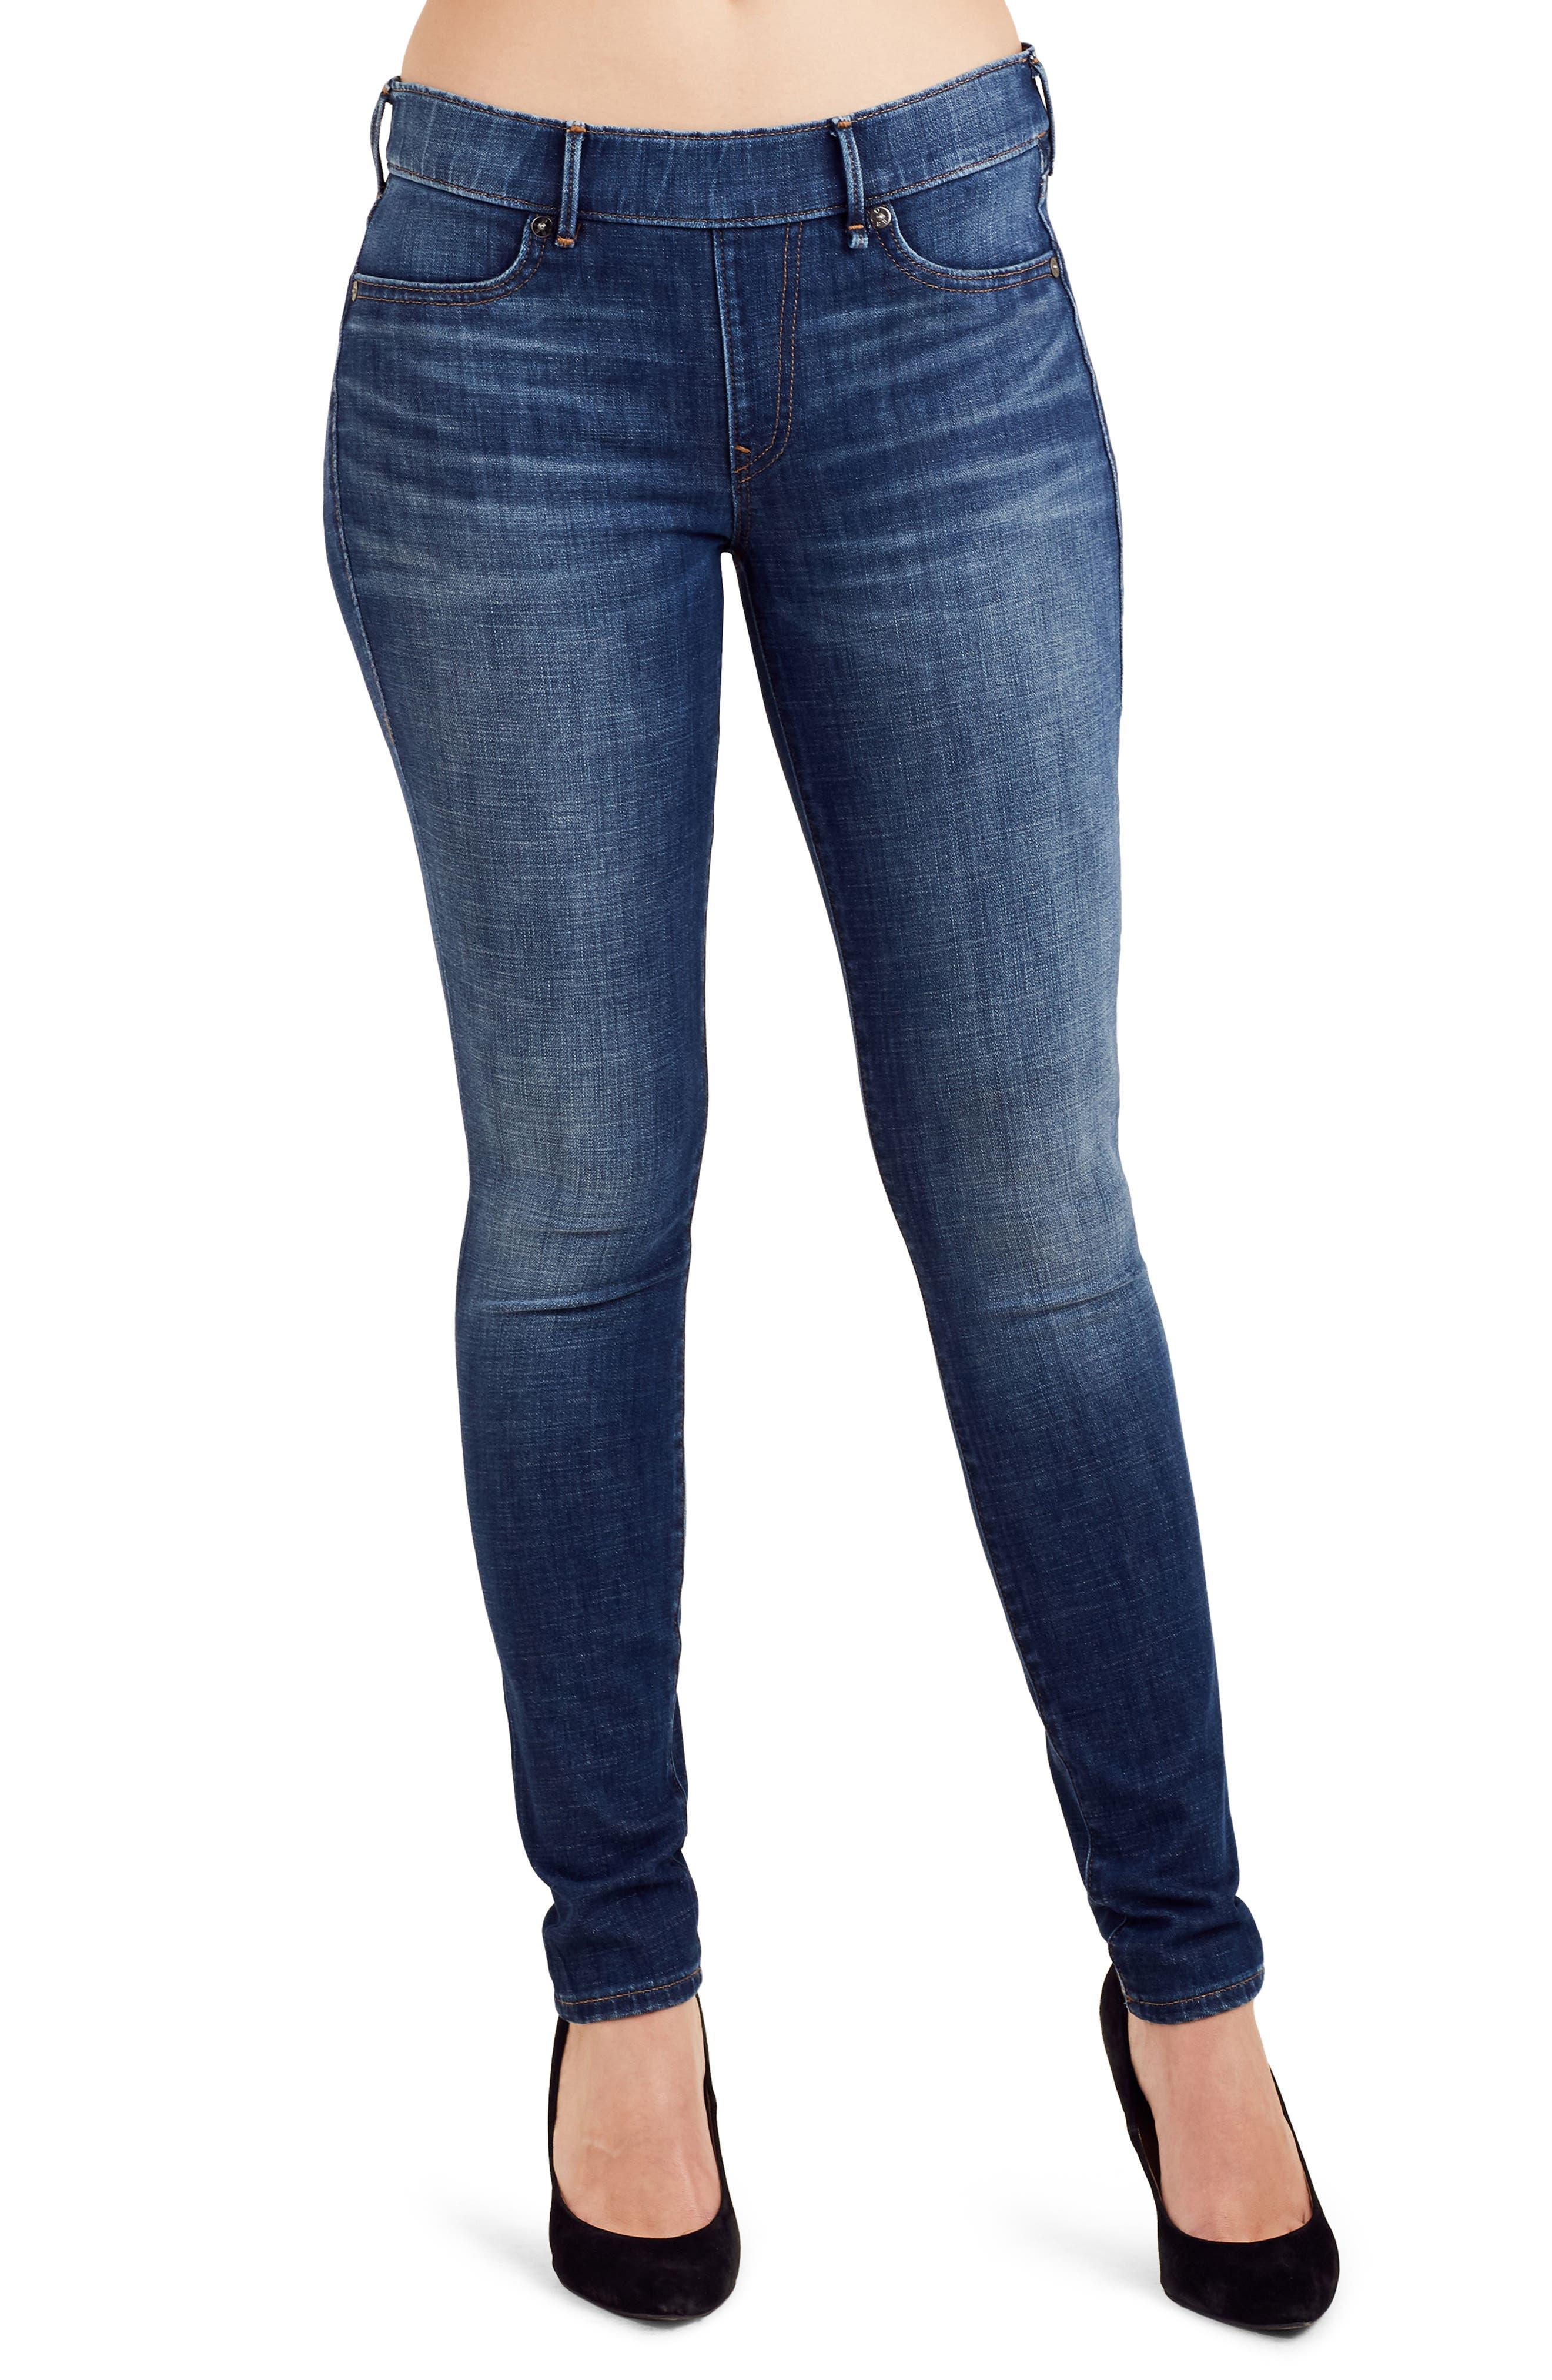 True Religion Brand Jeans Jennie Runway Curvy Skinny Jeans